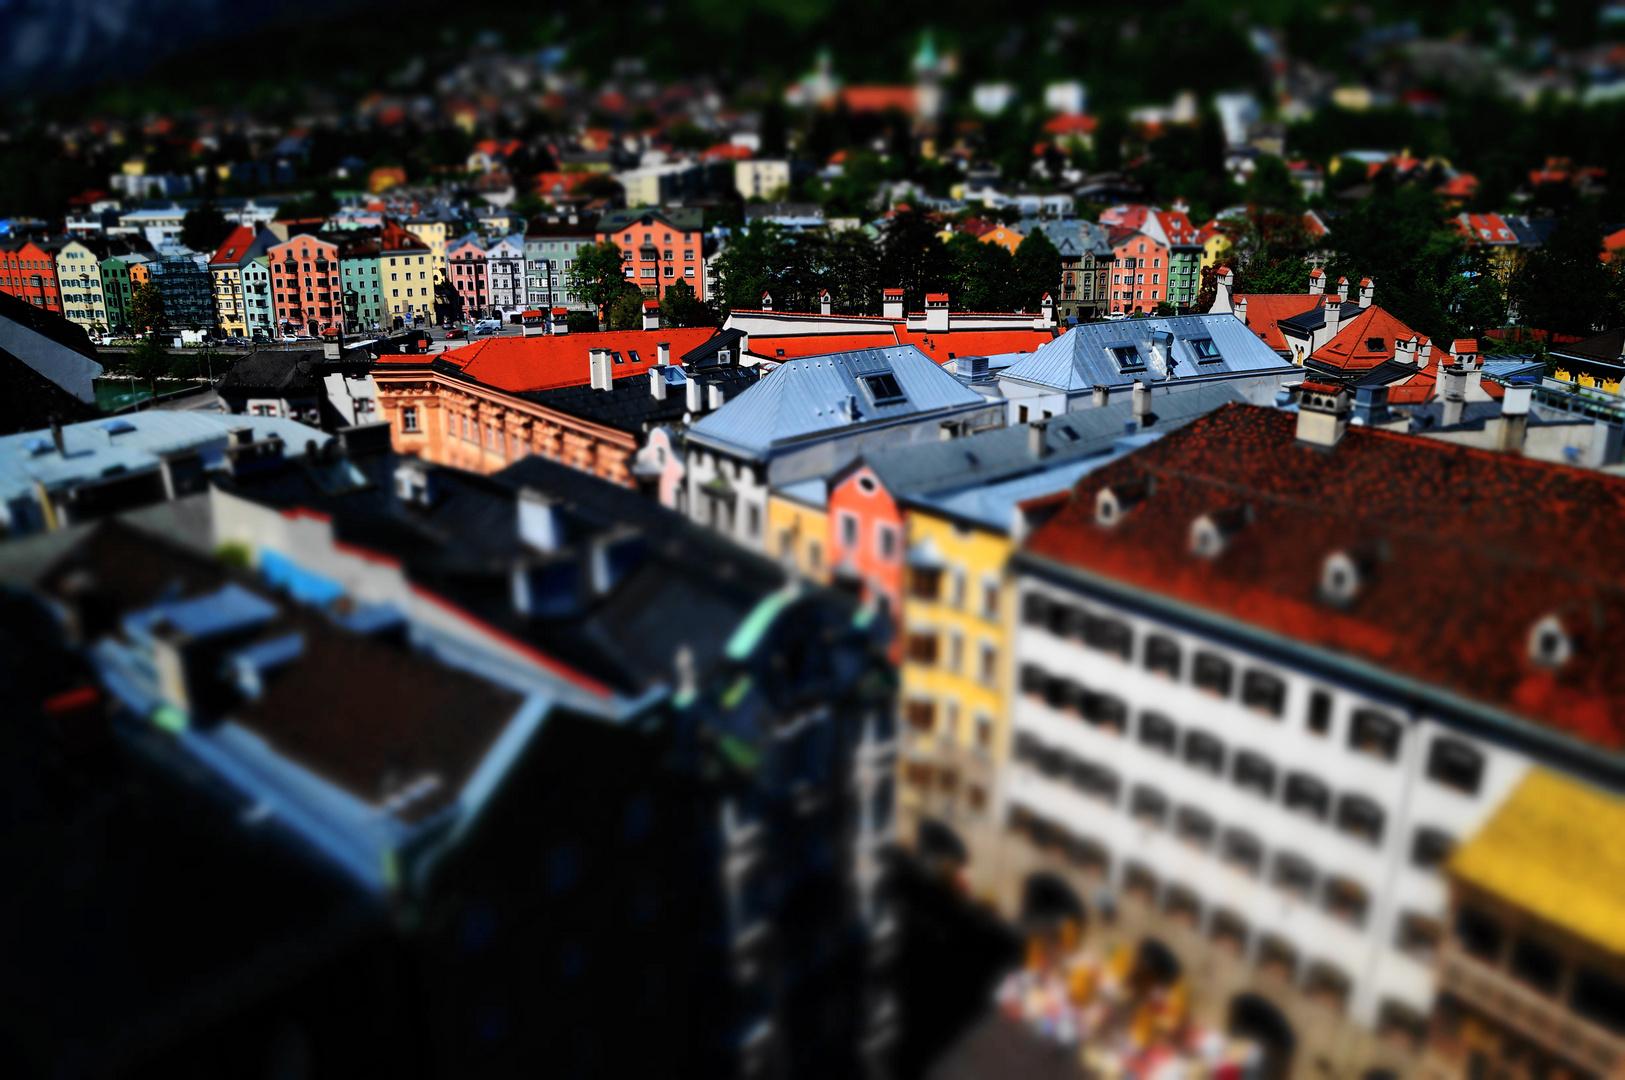 ein anderer Blickwinkel in Innsbruck